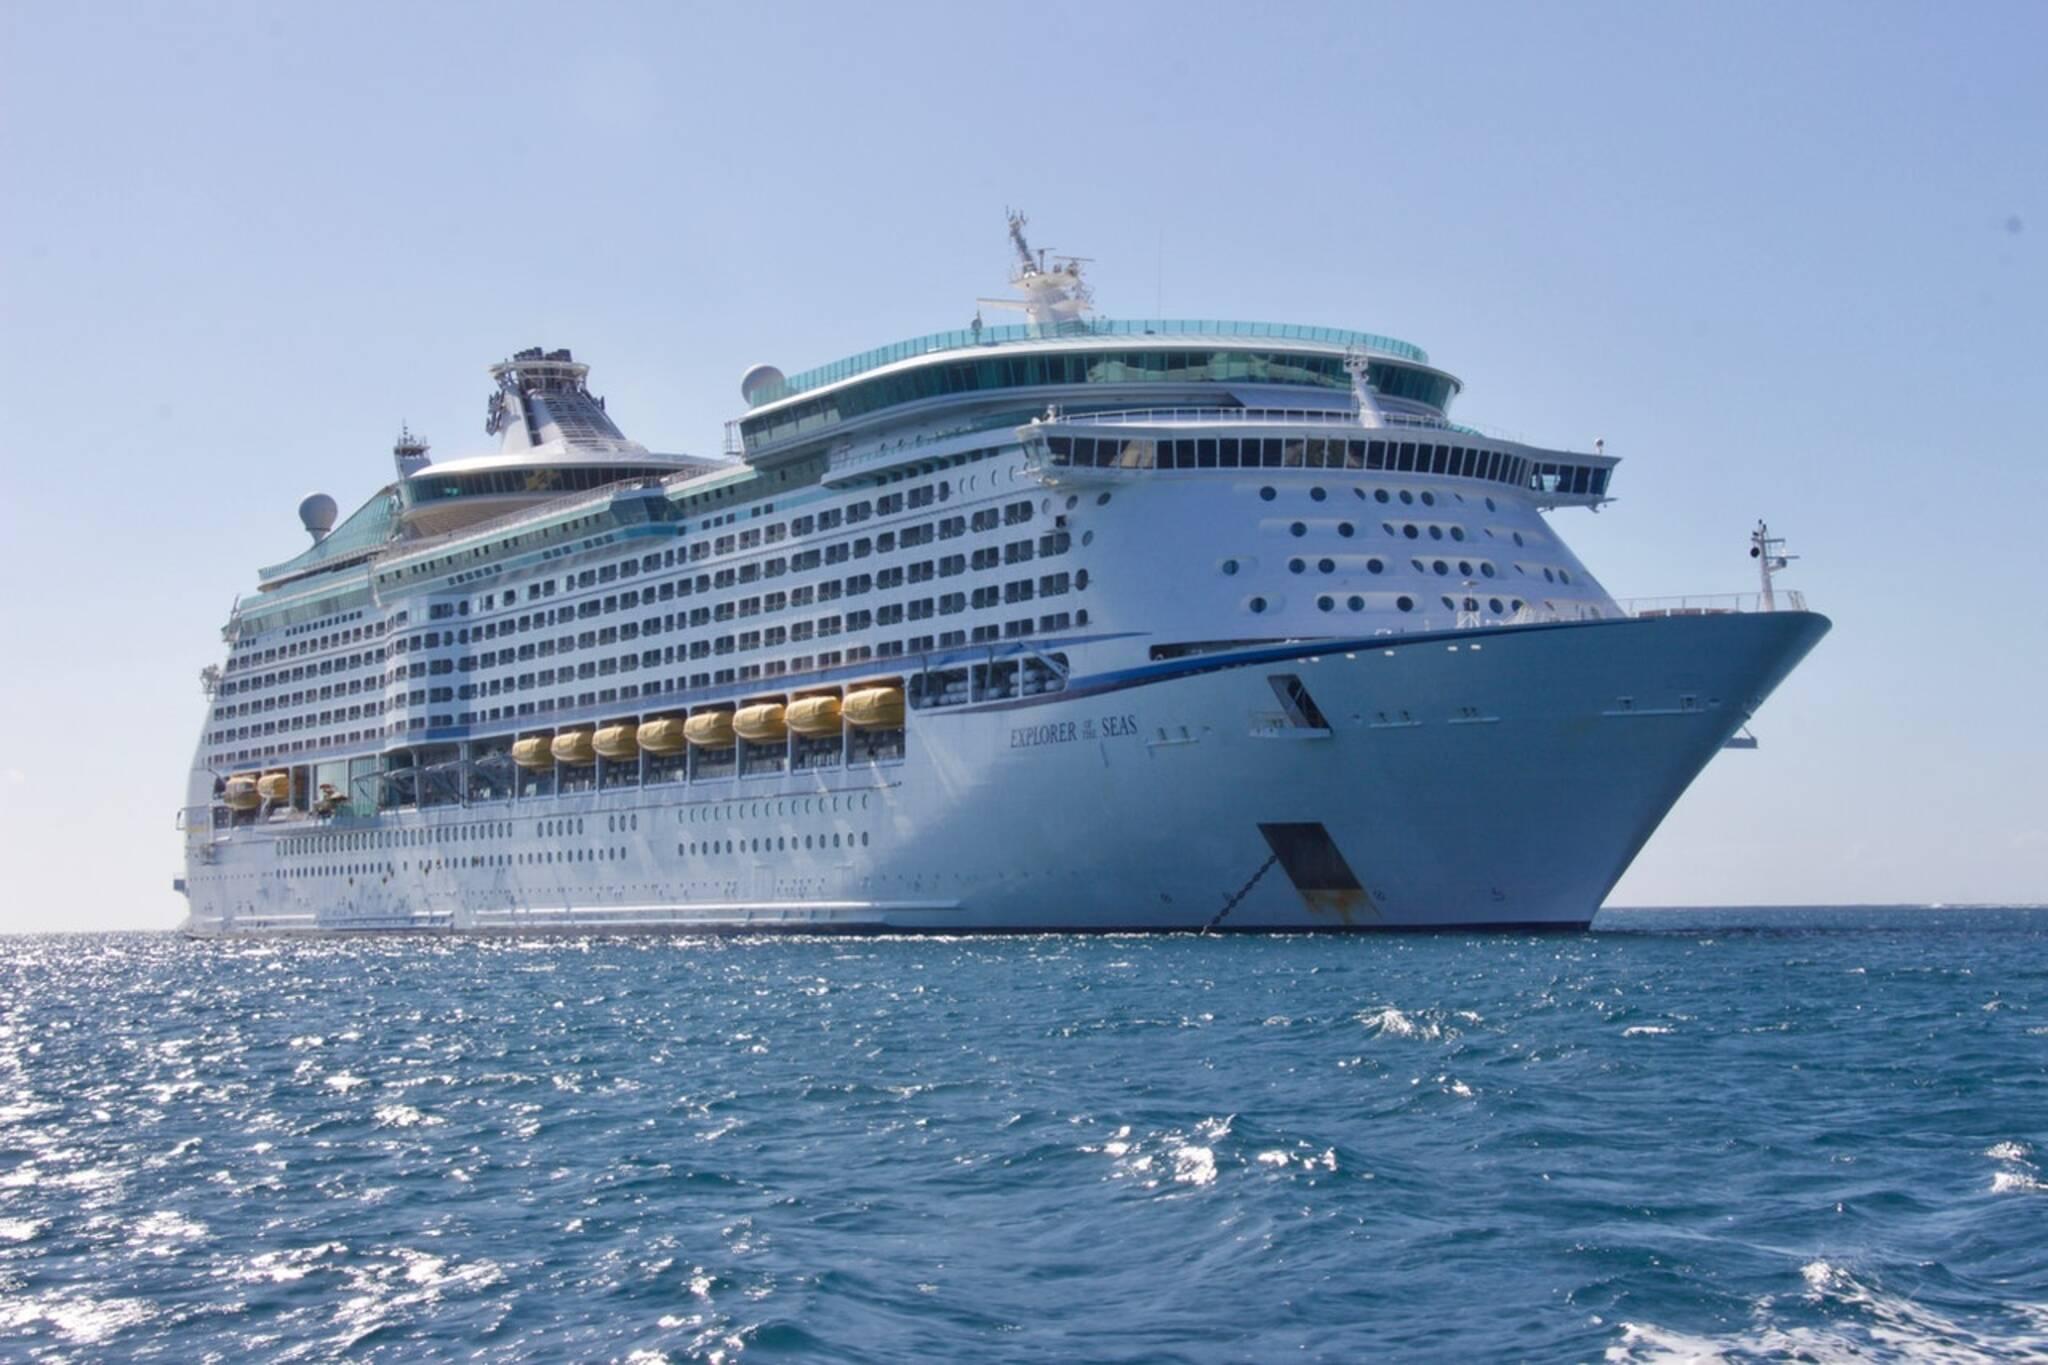 canada cruise ship ban